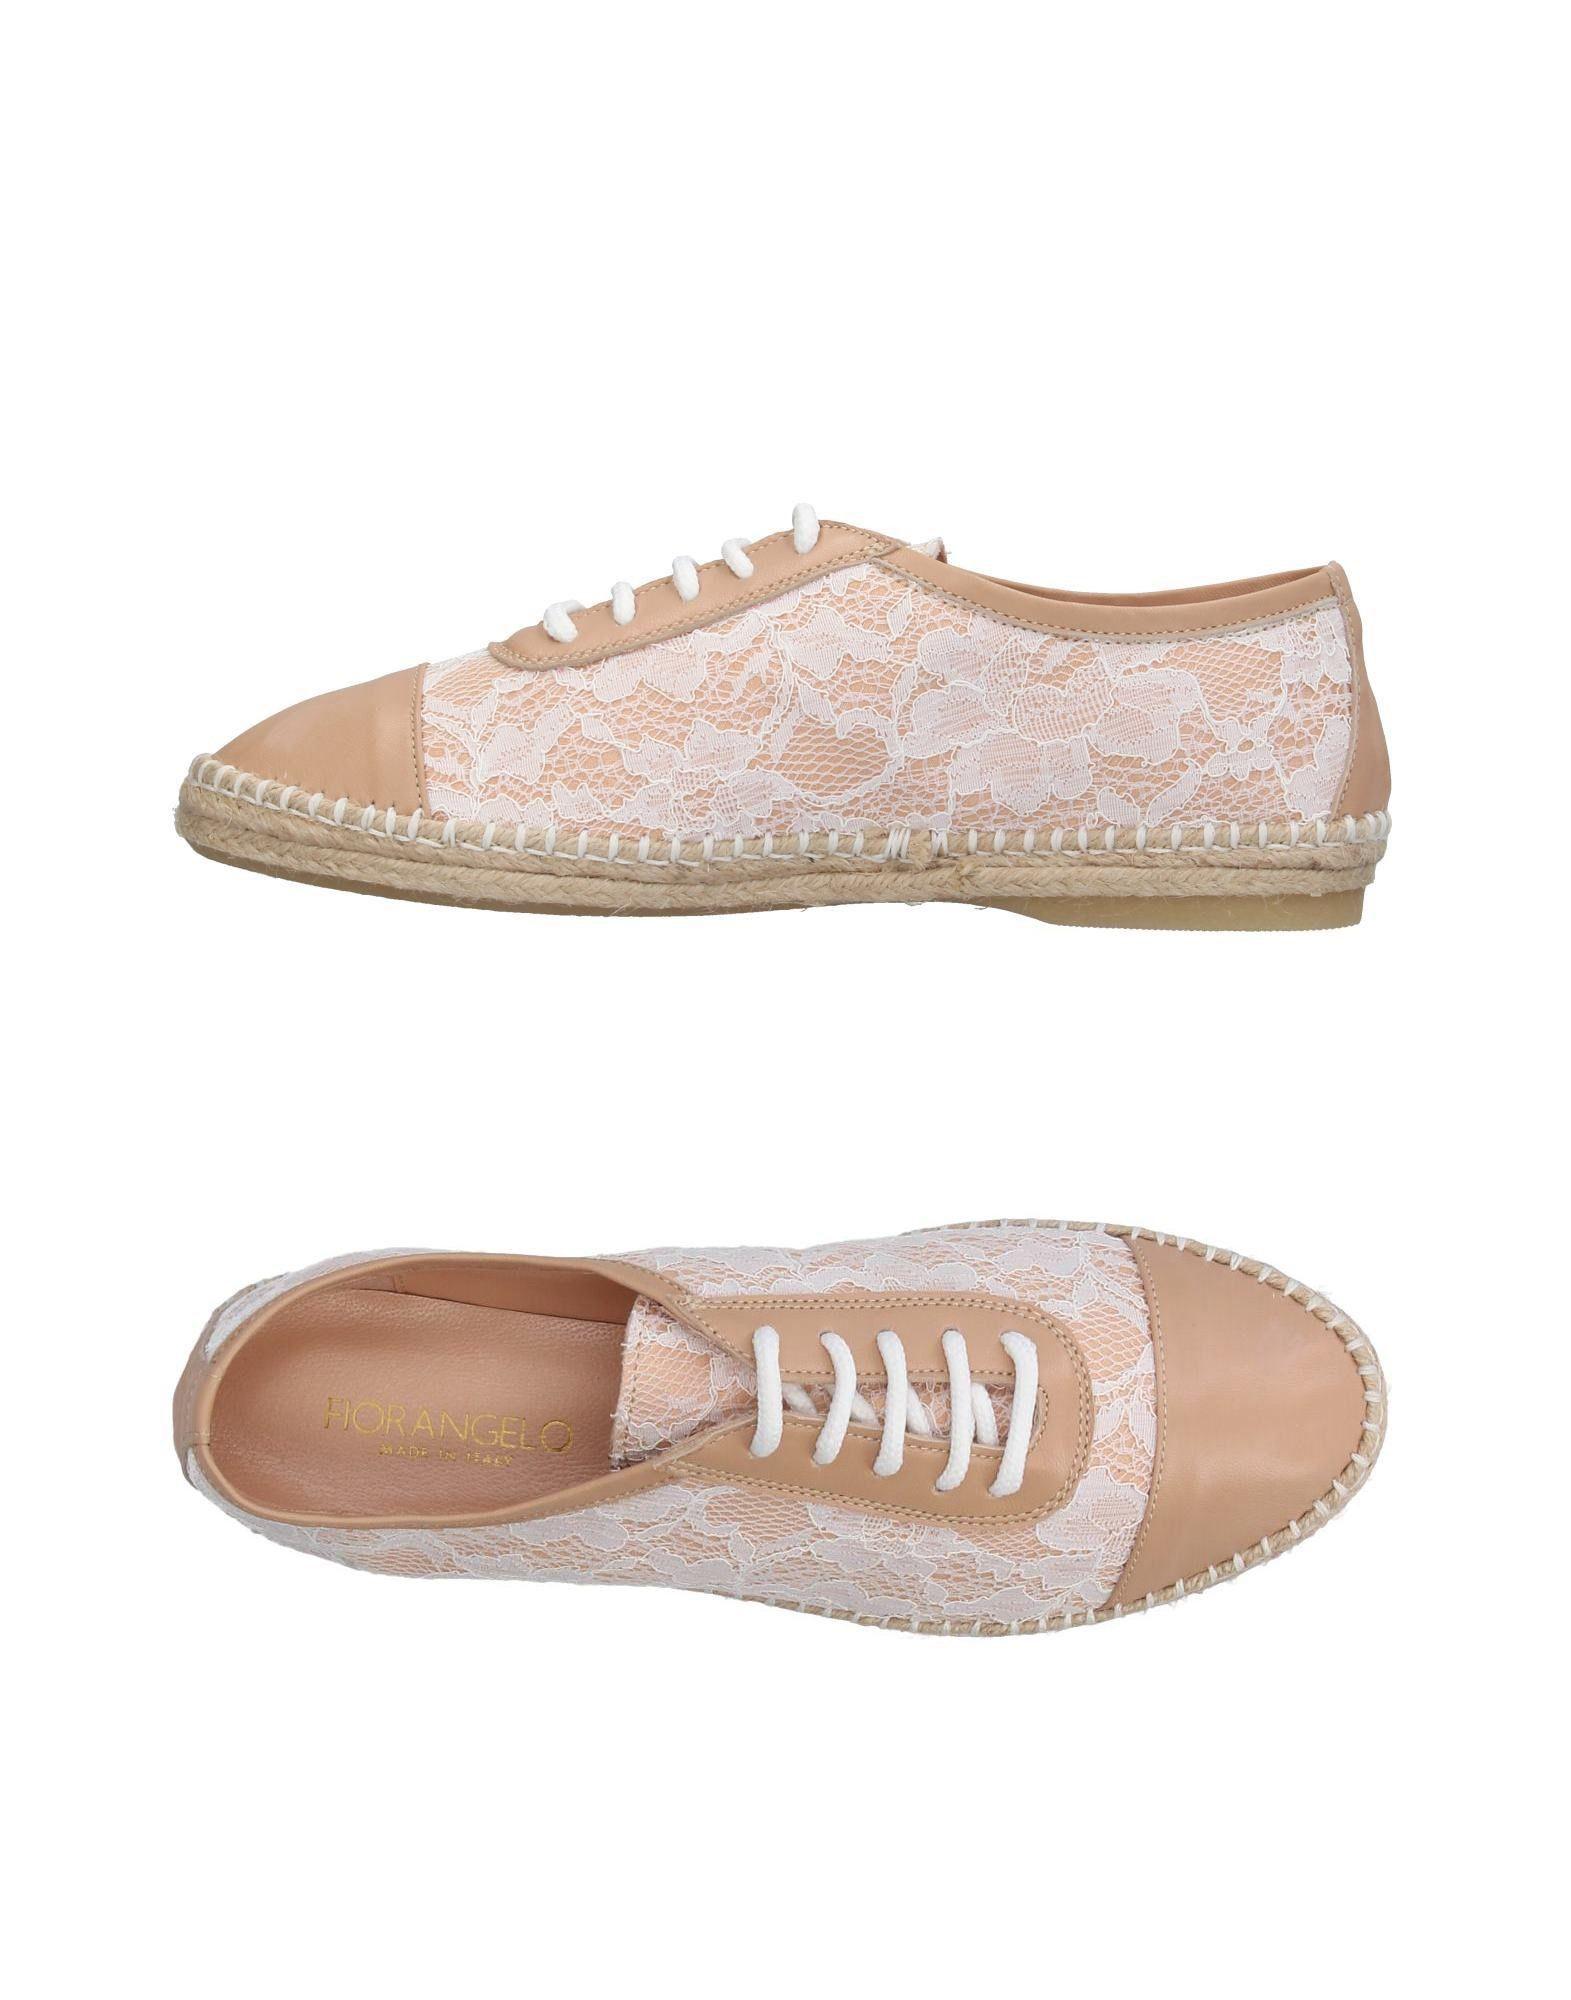 Footwear Fiorangelo Sand Women's Leather